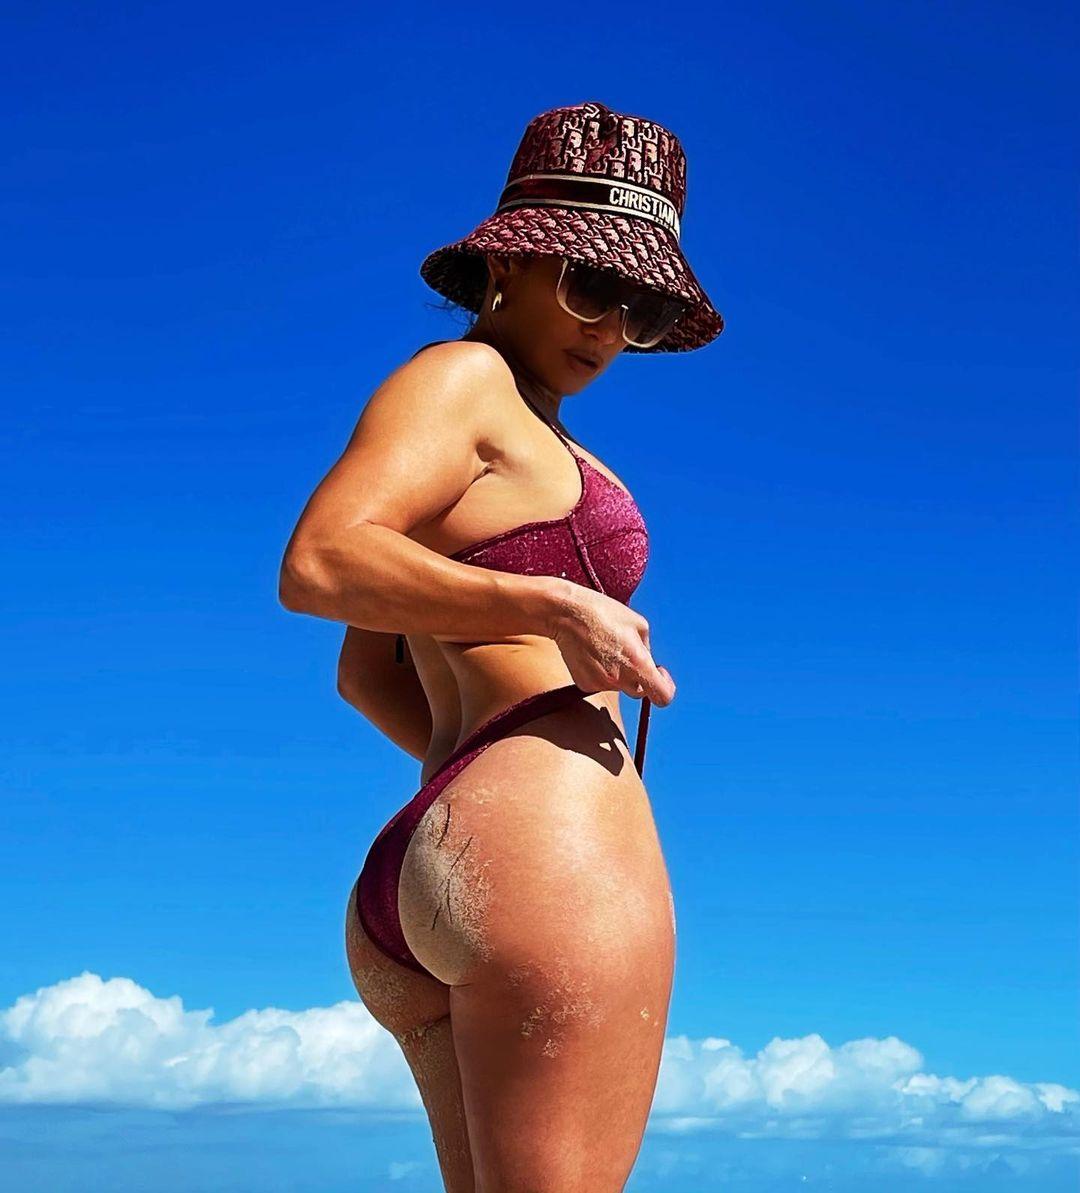 Папарацци сделали фото целлюлитной попы Дженнифер Лопес во время катания на сапборде